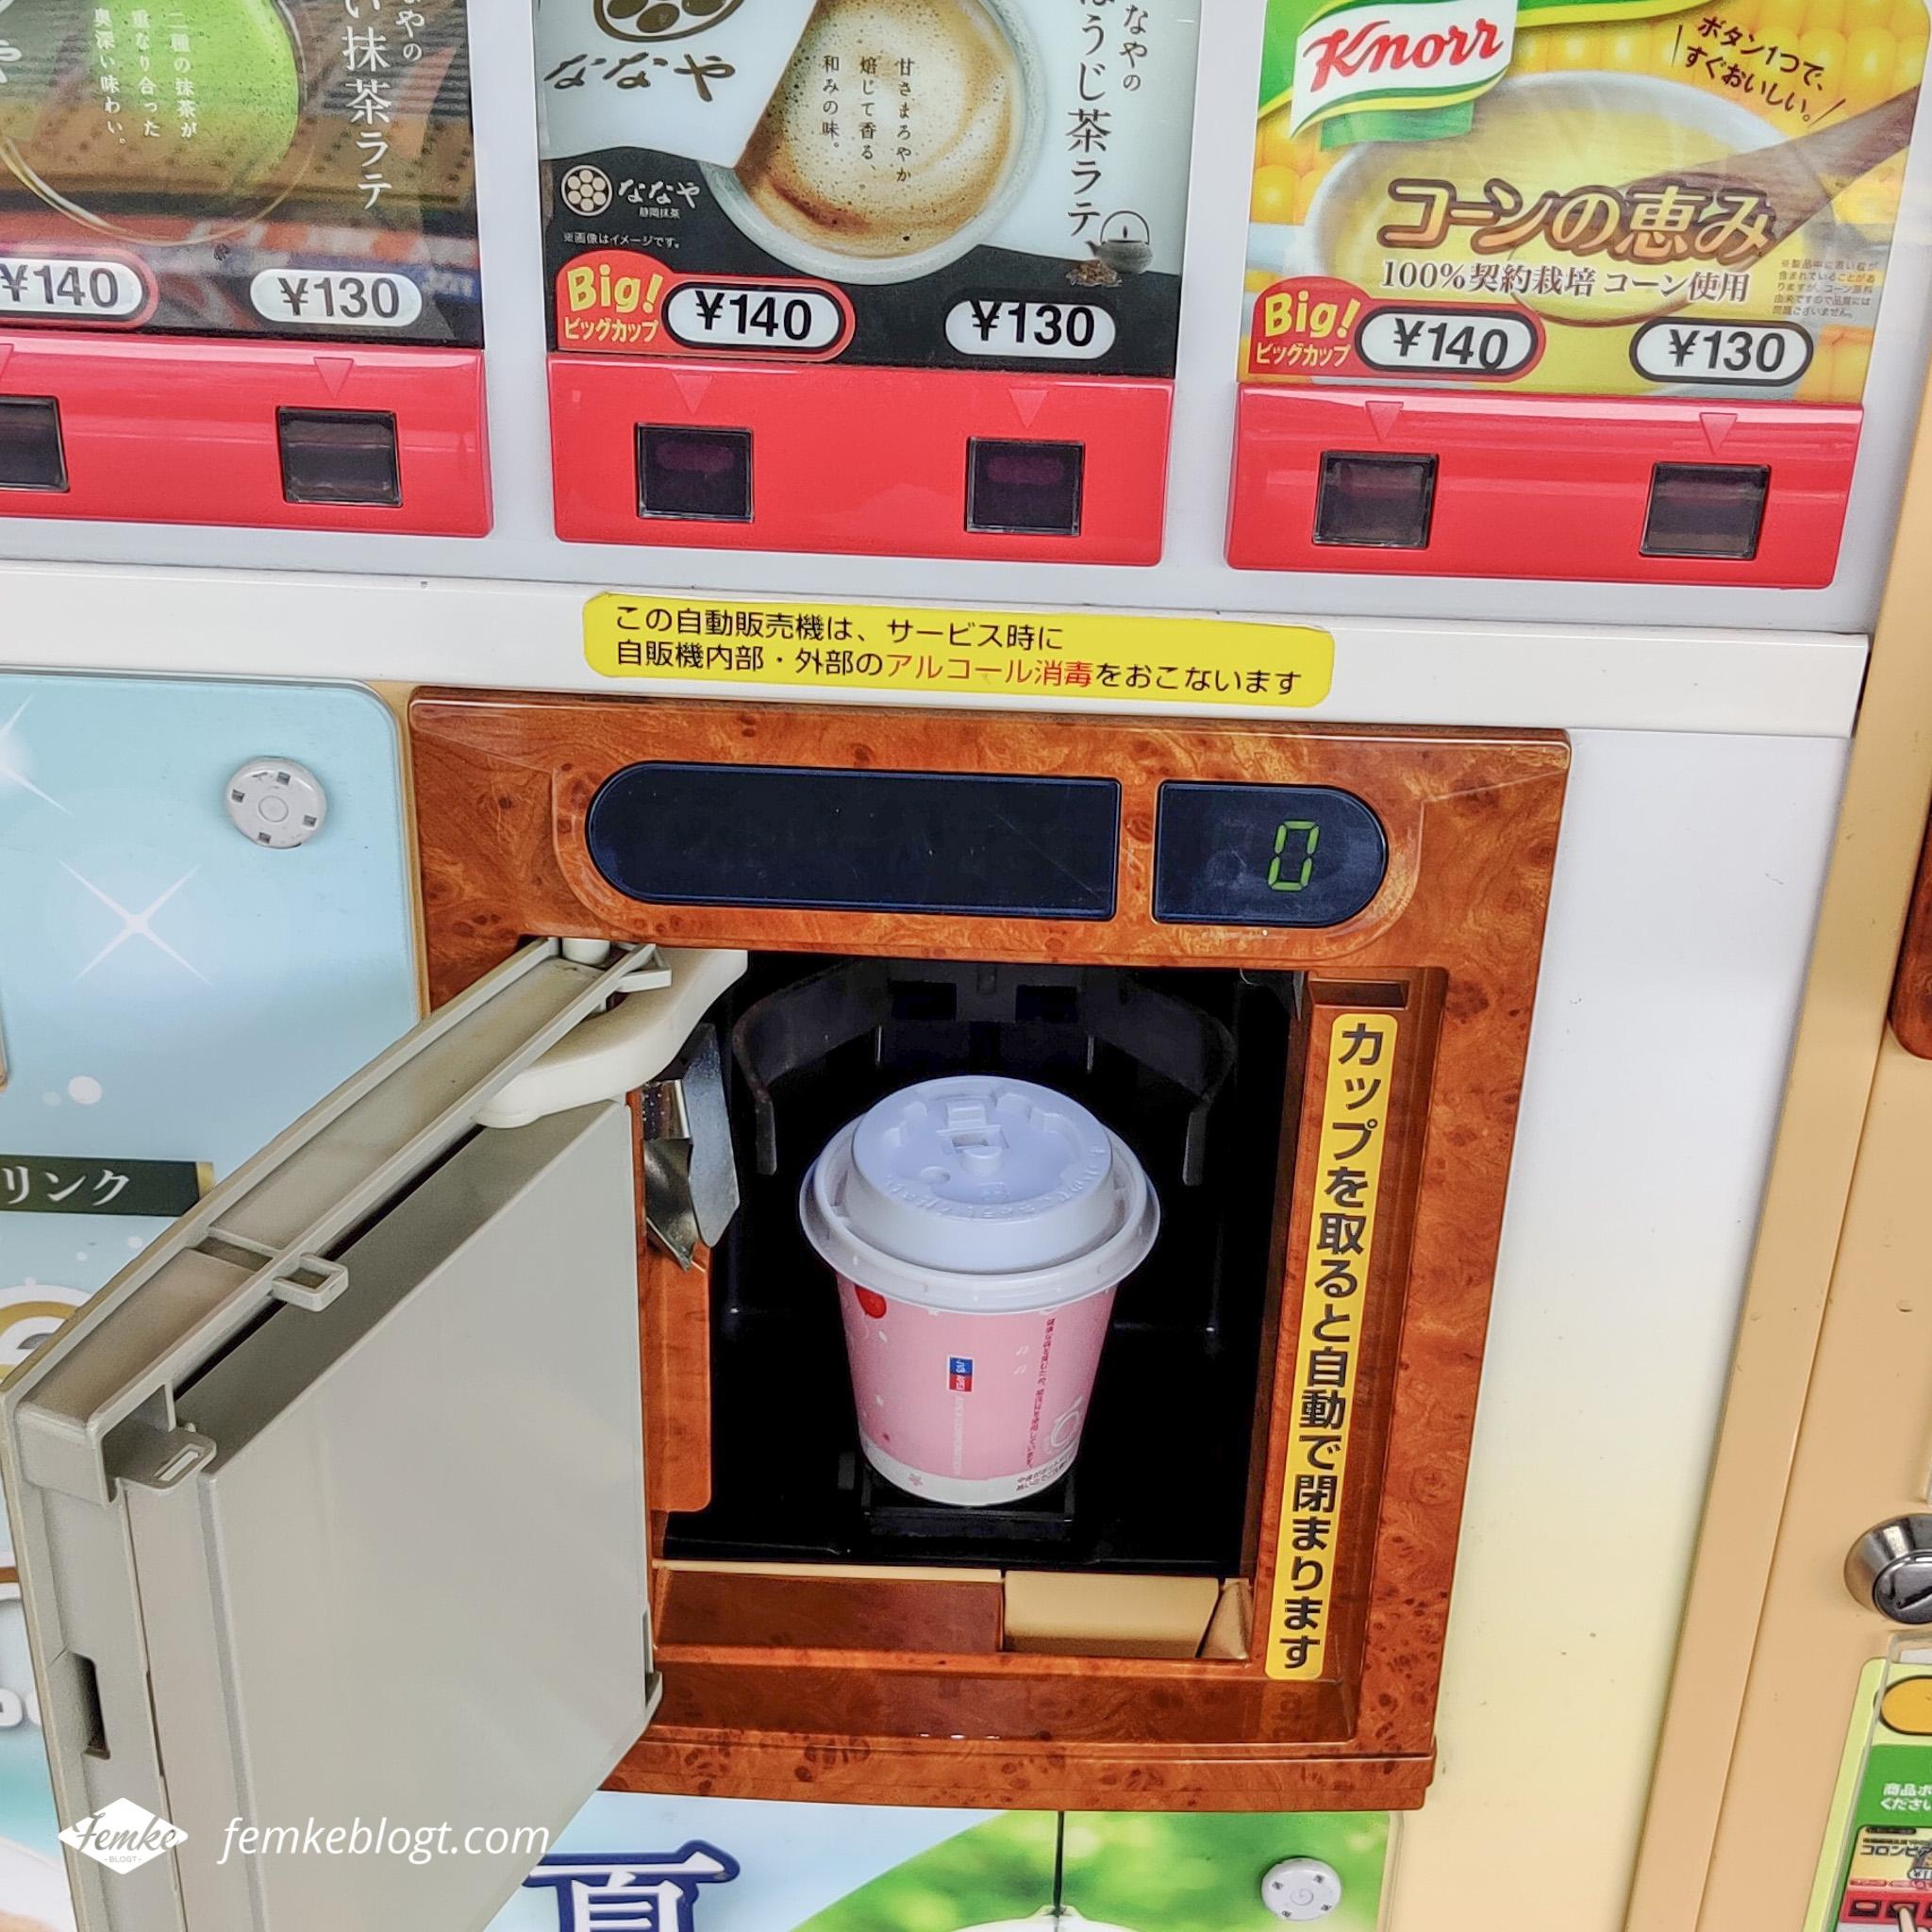 Warme drankjes vending machine in Japan